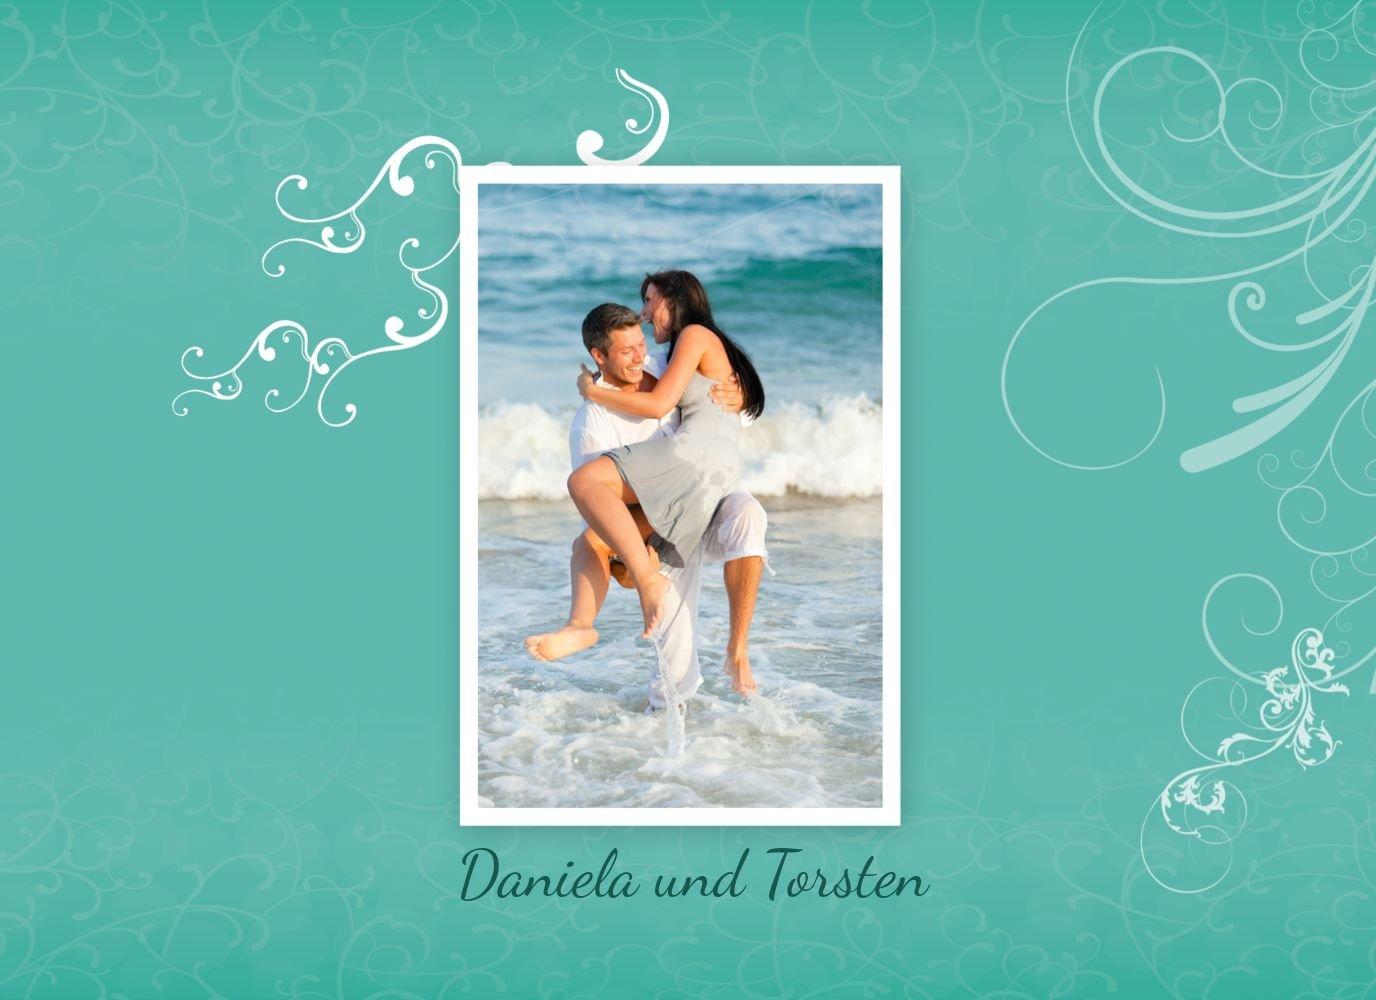 Kartenparadies Hochzeitskarte Hochzeit Einladung butterfly, hochwertige Einladung zur Heirat inklusive inklusive inklusive Umschläge   10 Karten - (Format  148x105 mm) Farbe  Lila B01N6TCH2S | Neuartiges Design  | Ab dem neuesten Modell  | Elegante Form  02bef4